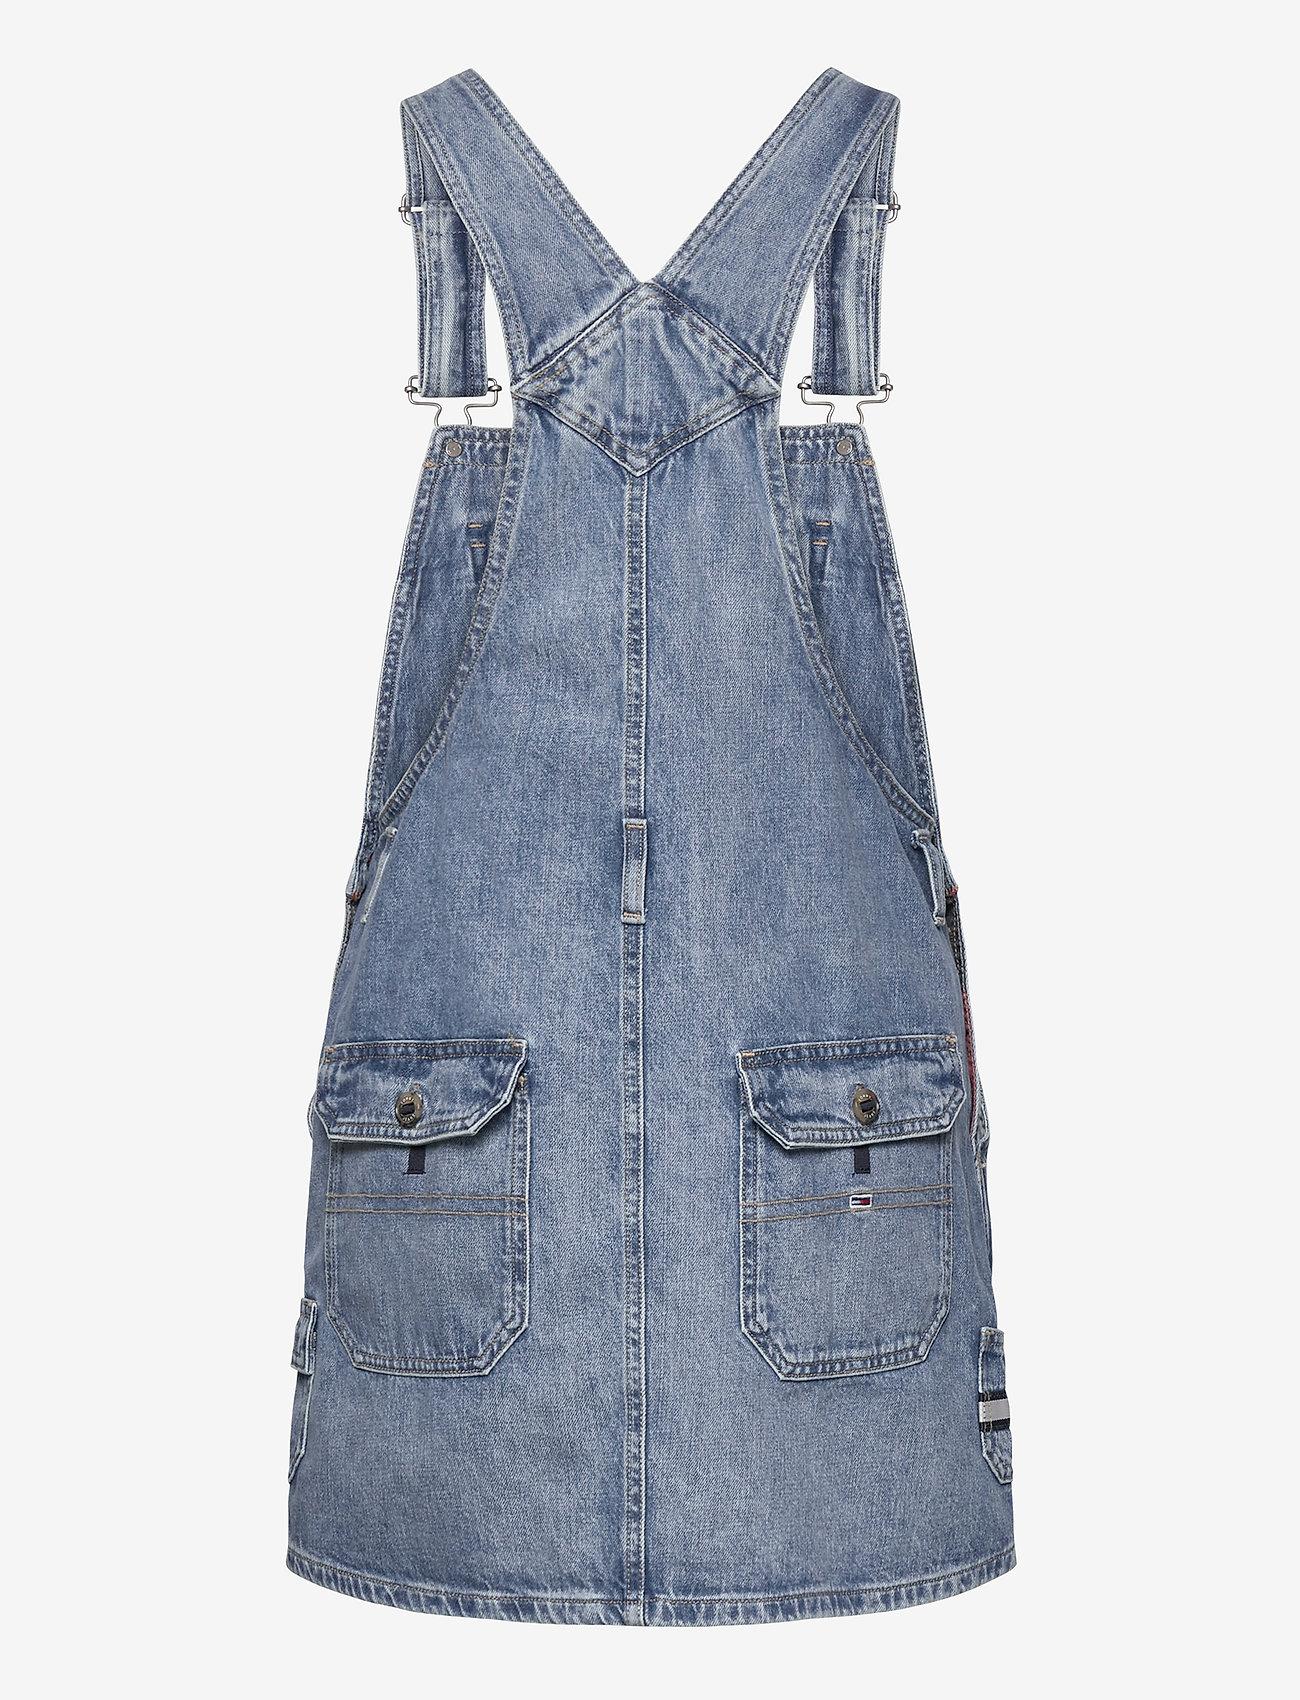 Tommy Jeans - DUNGAREE DRESS CRLT - denim dresses - carol lt bl rig - 1